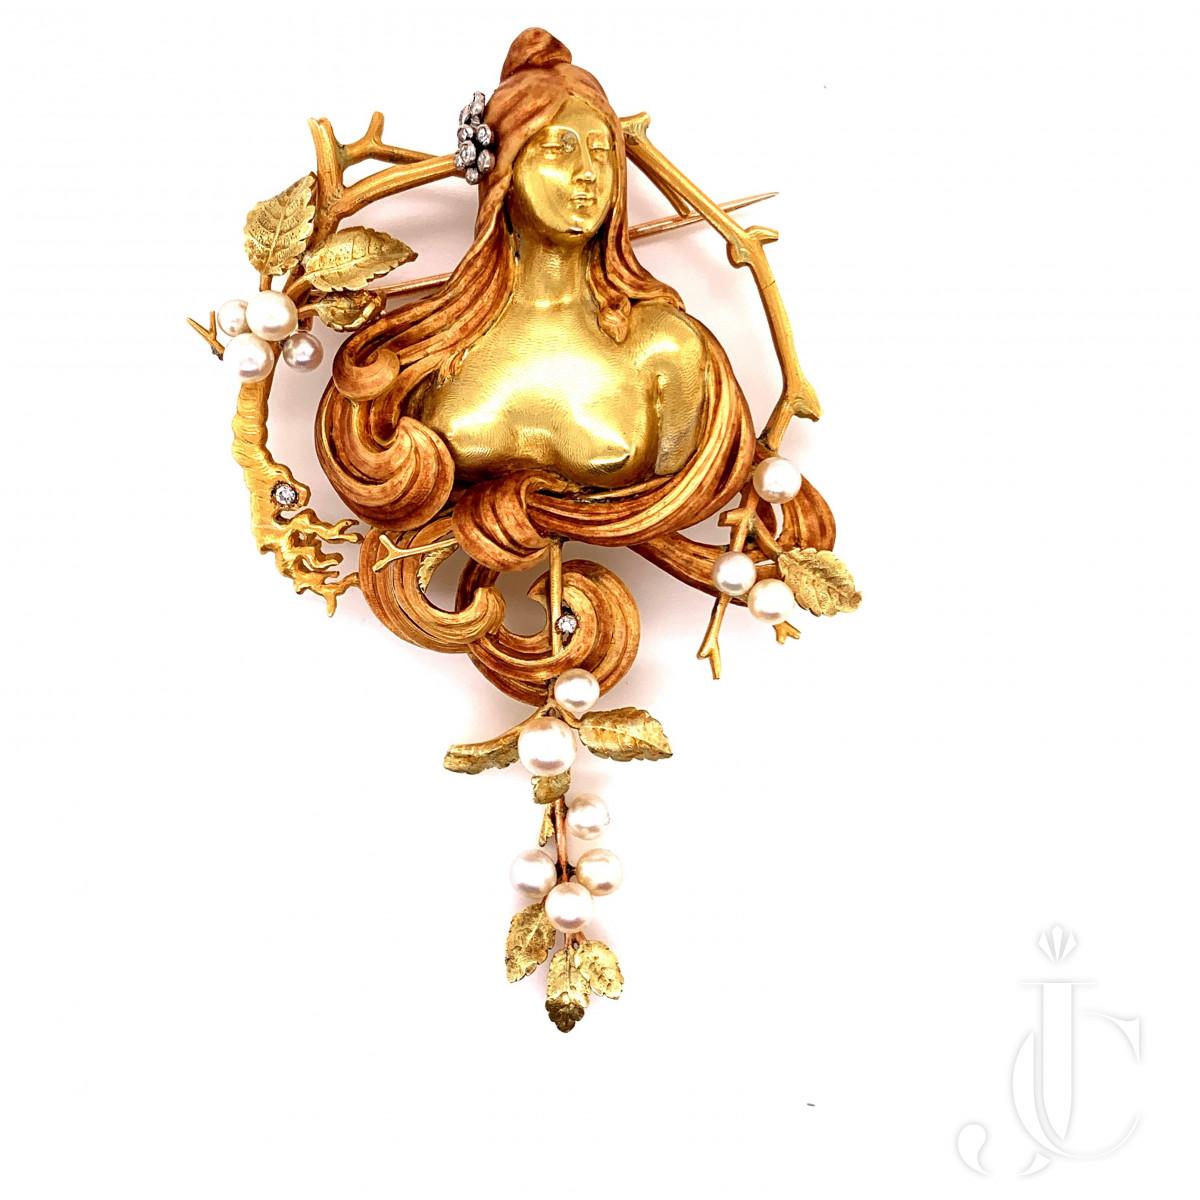 Art Nouveau 18kt Gold and Enamel Pendant/Brooch, Gabriel Falguieres